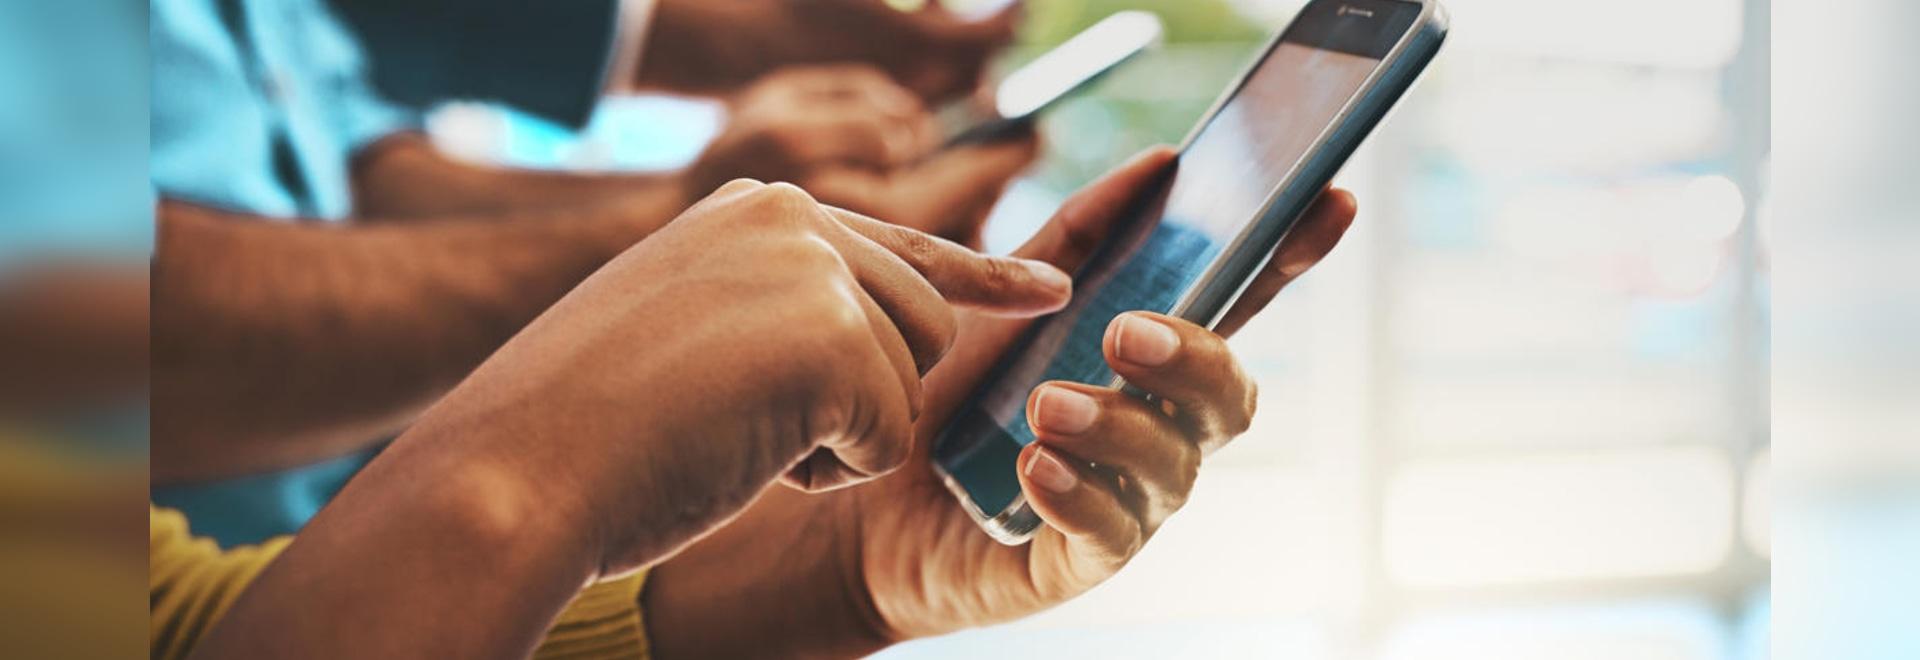 Afrika setzt auf mobile Apps zur Eindämmung des Coronavirus